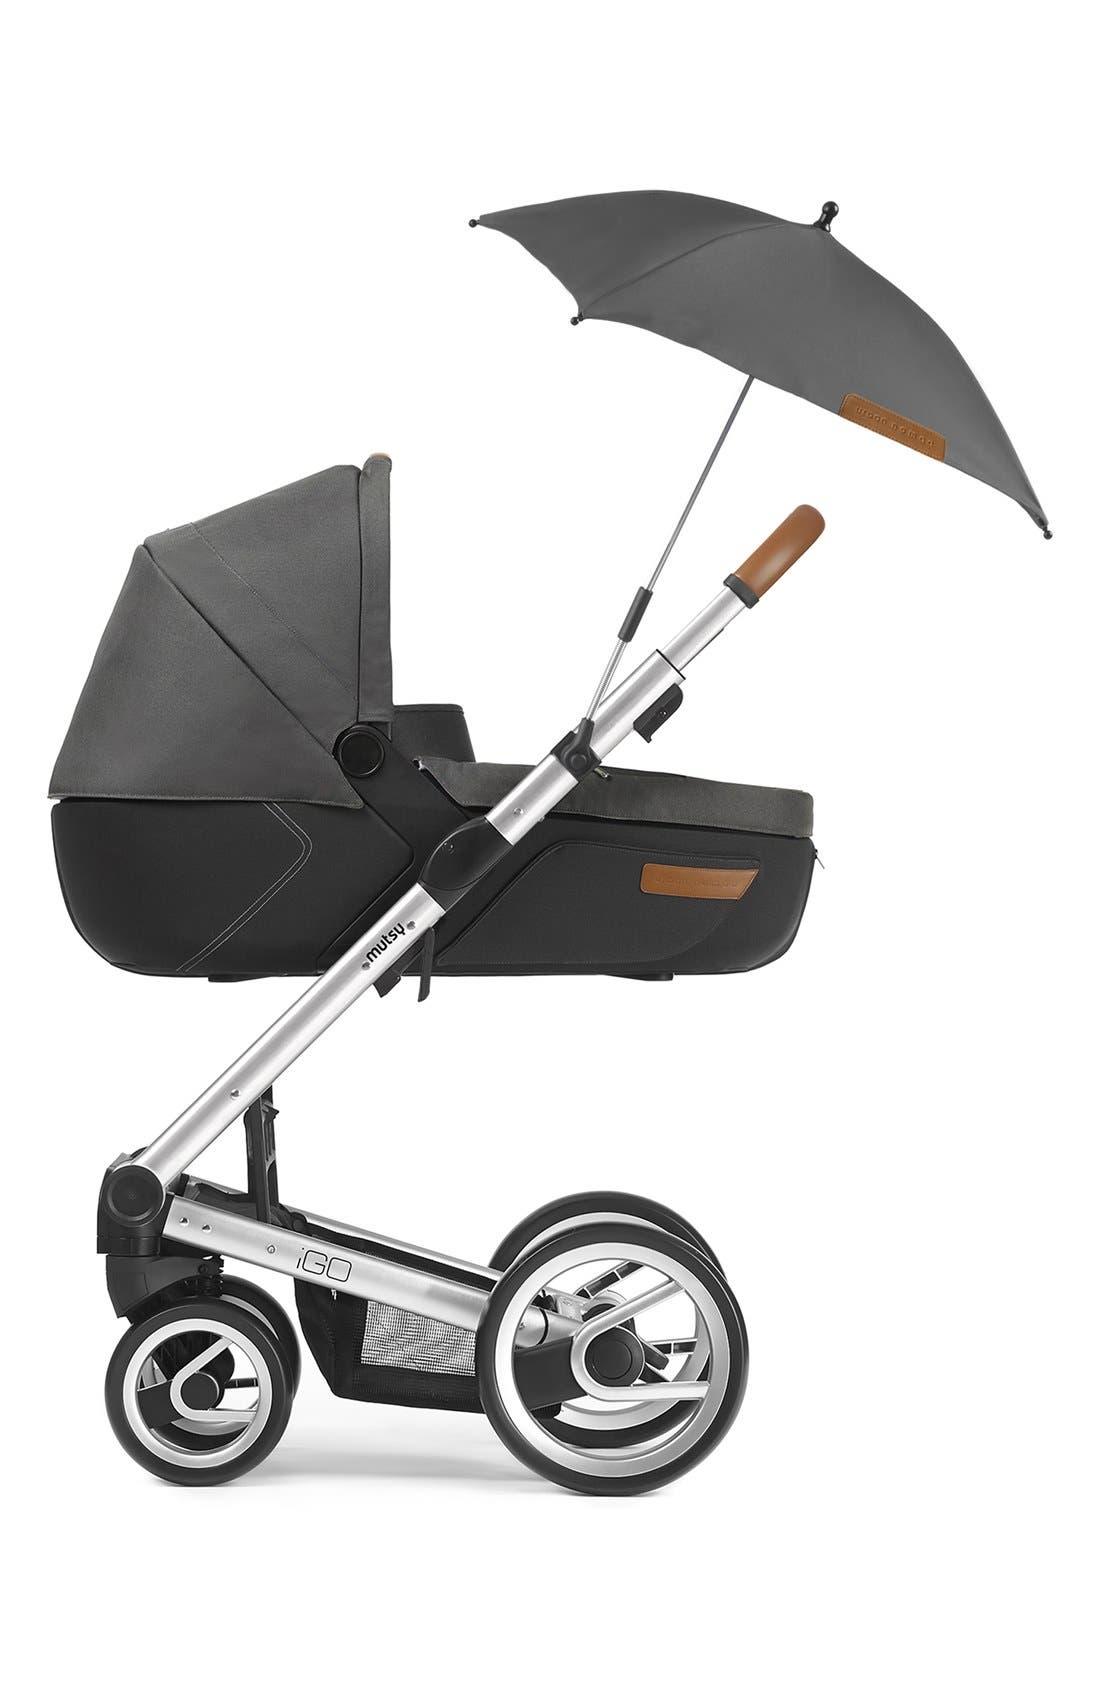 'Igo - Farmer Earth' Stroller Umbrella,                             Alternate thumbnail 2, color,                             200